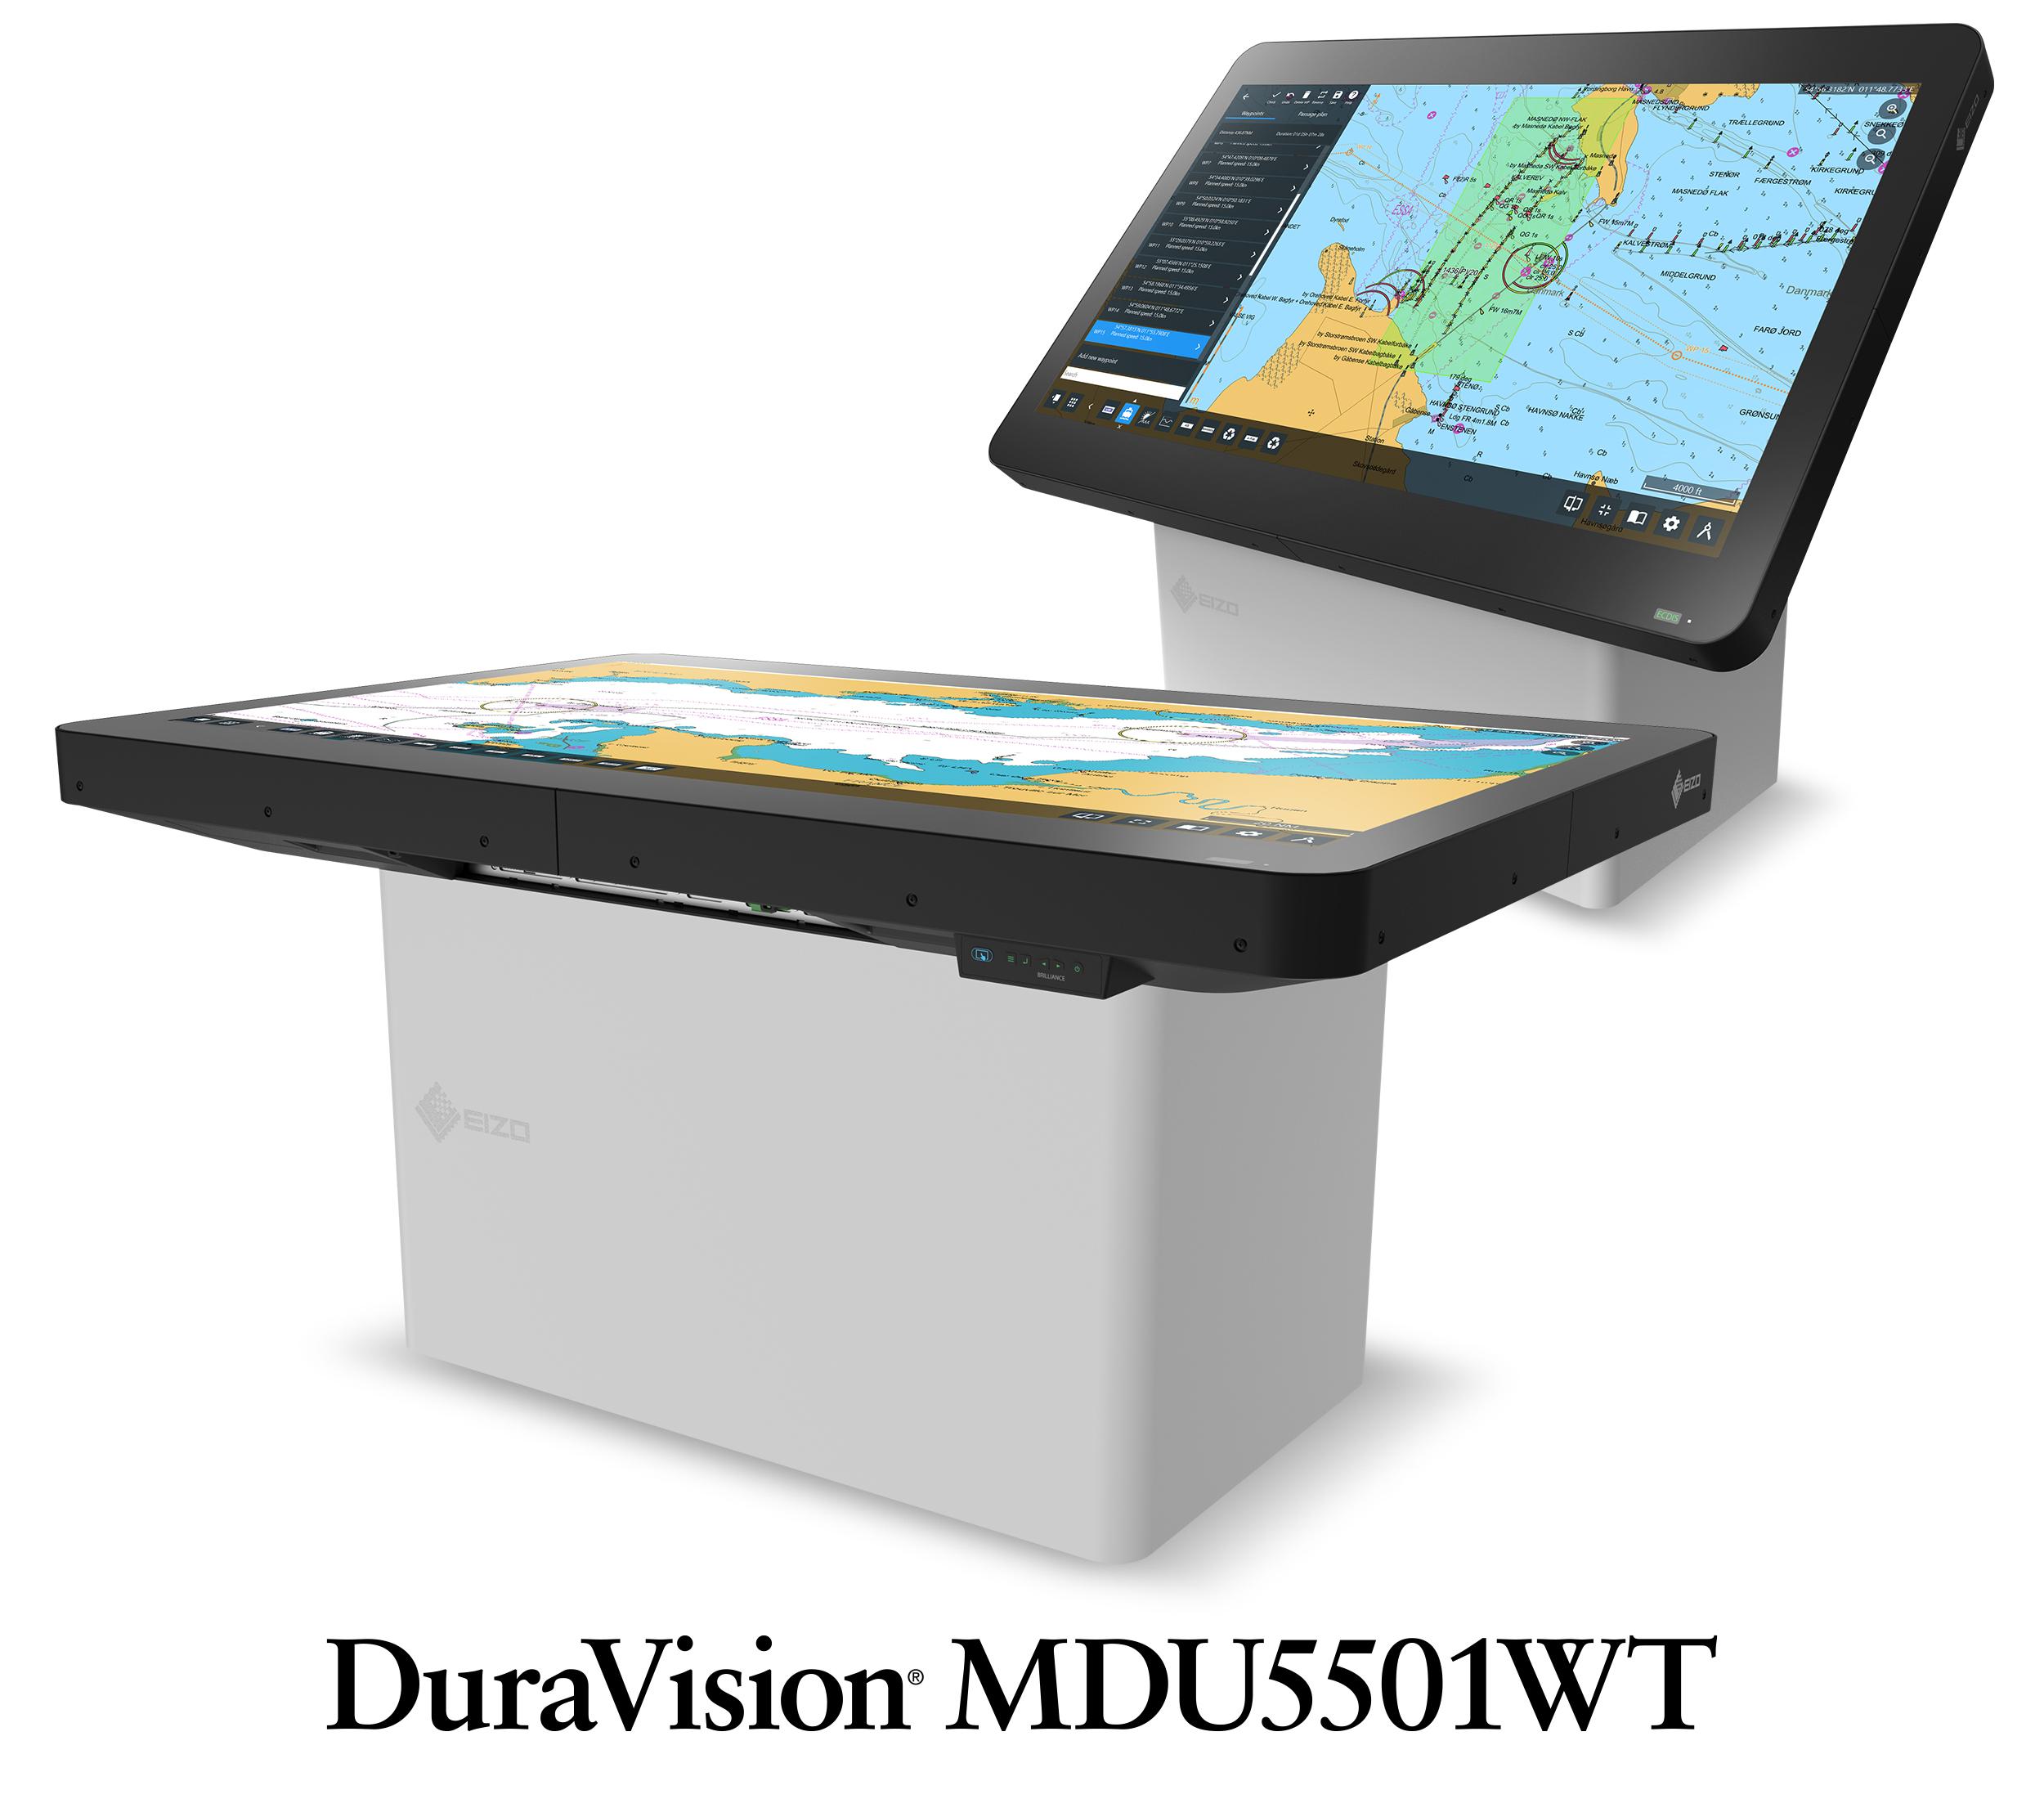 Nowy model EIZO do transportu morskiego: 55-calowy monitor nawigacyjny 4K UHD z panelem wielodotykowym